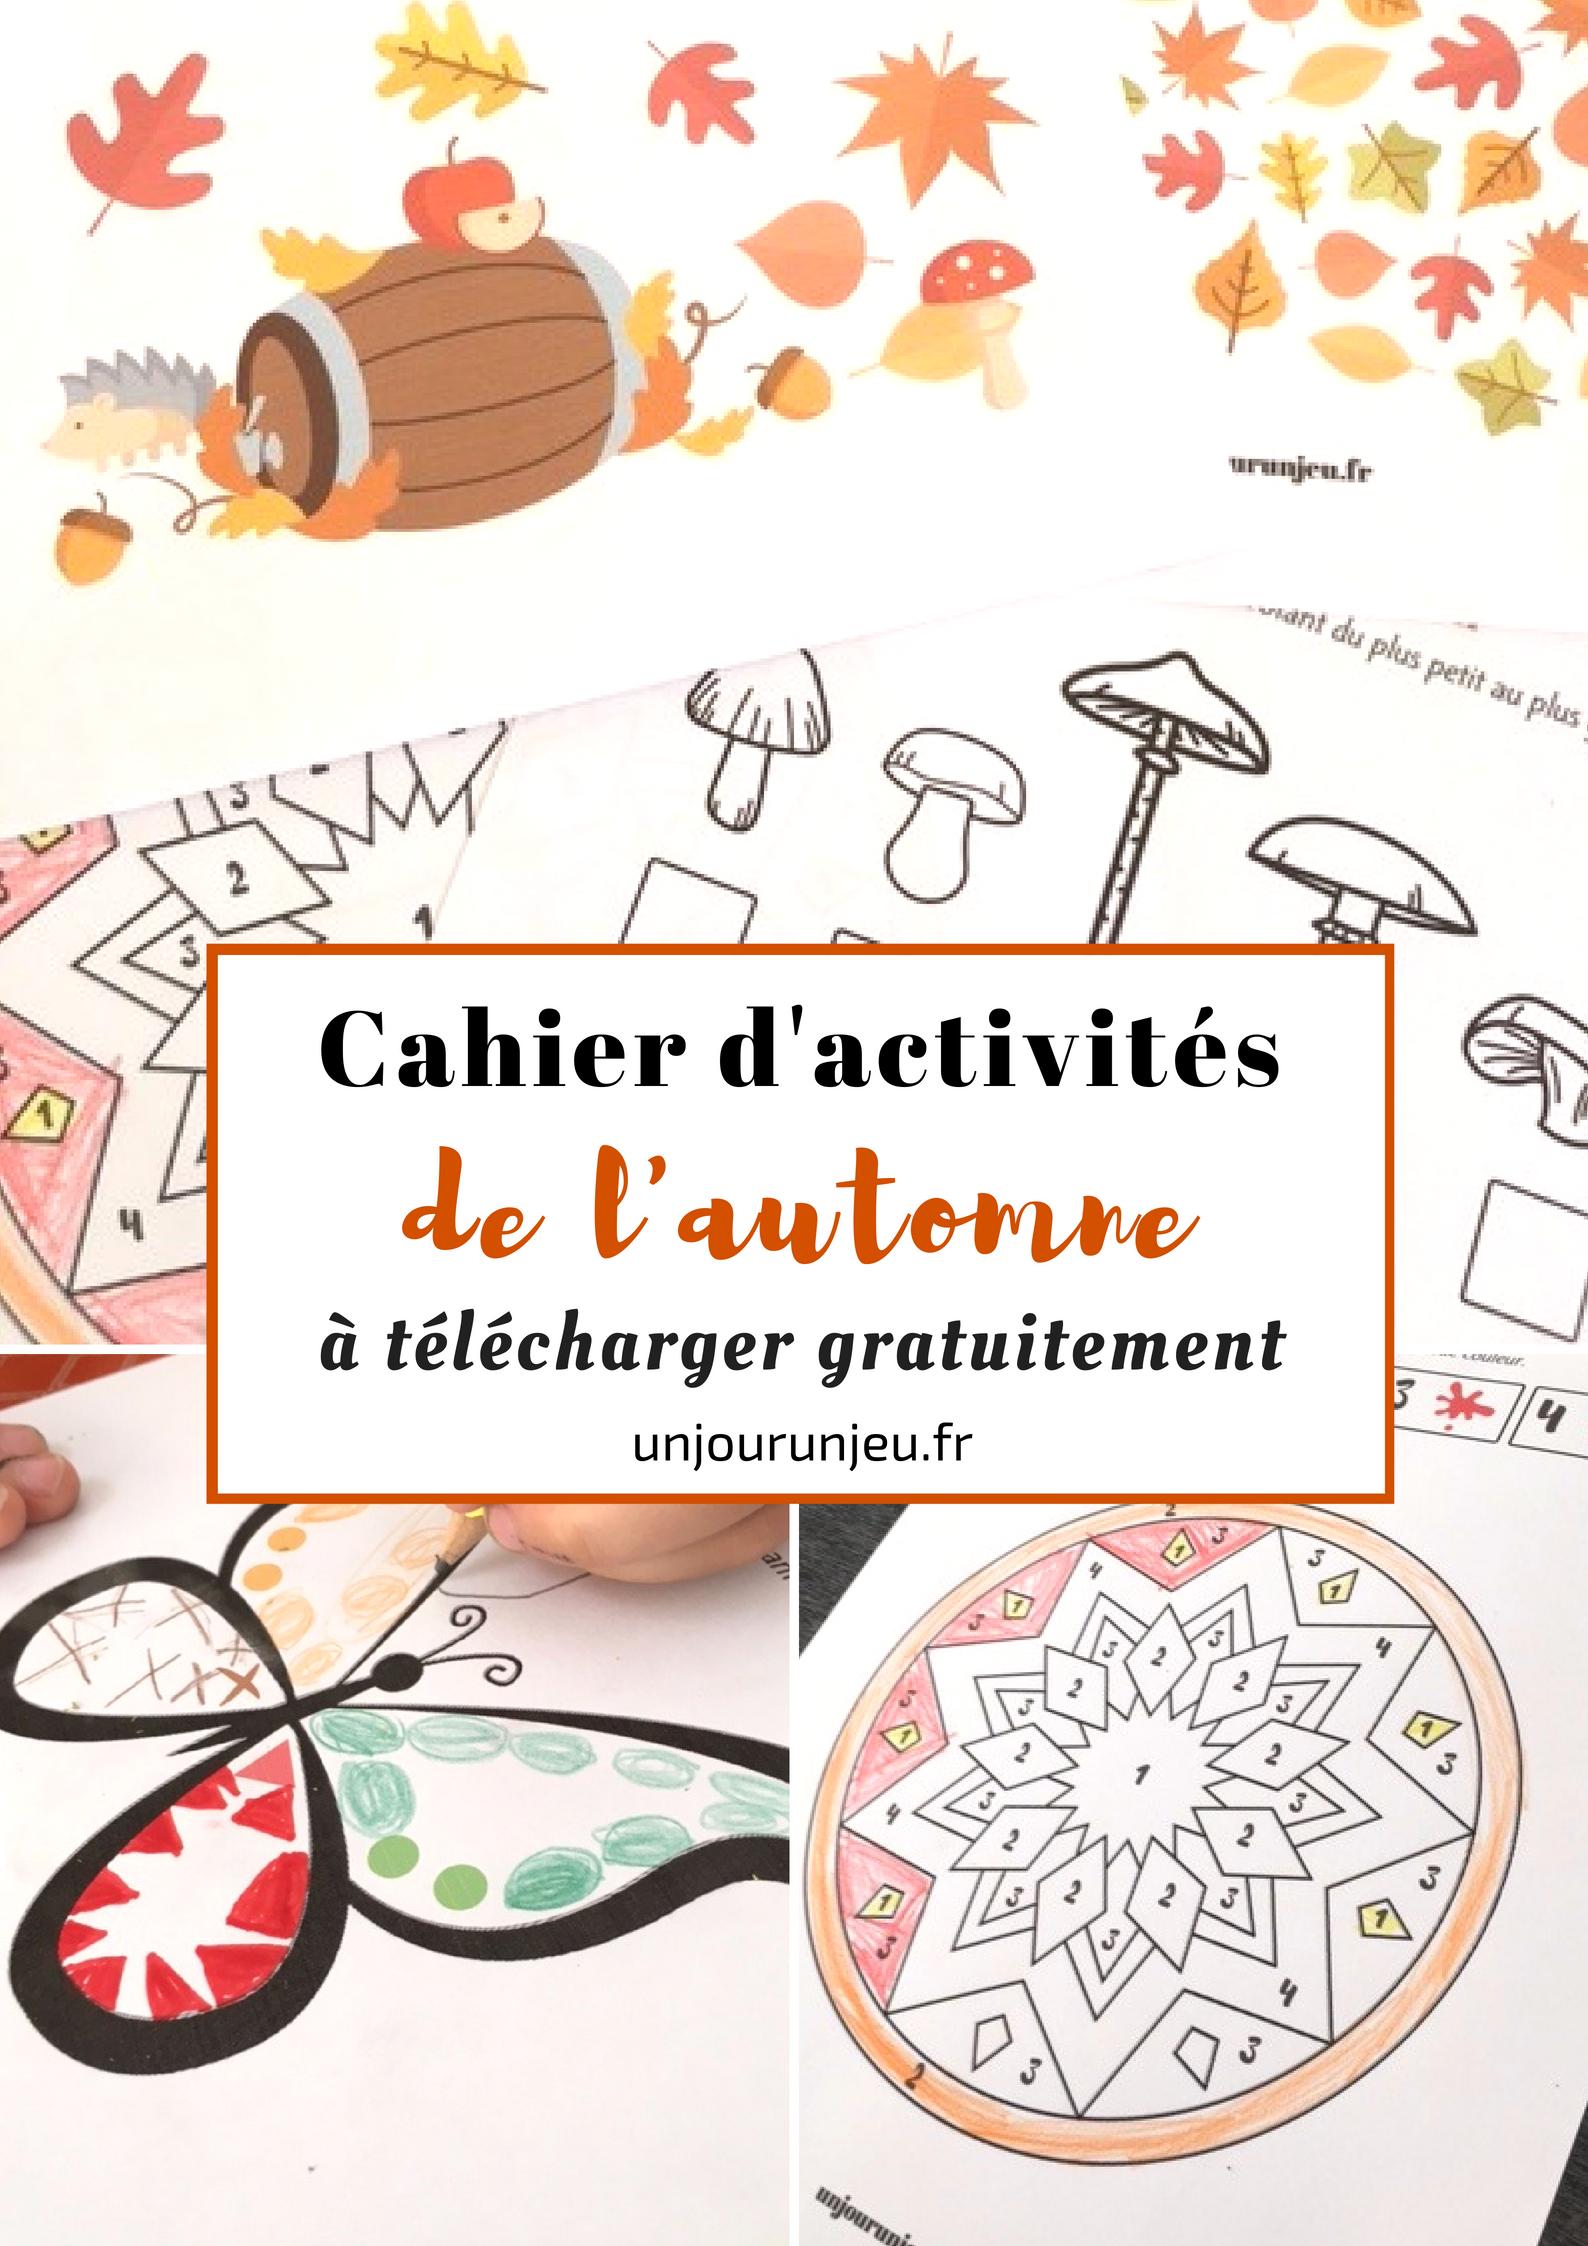 Votre Cahier D'activités De L'automne À Télécharger Gratuitement encequiconcerne Cahier D Activité A Imprimer